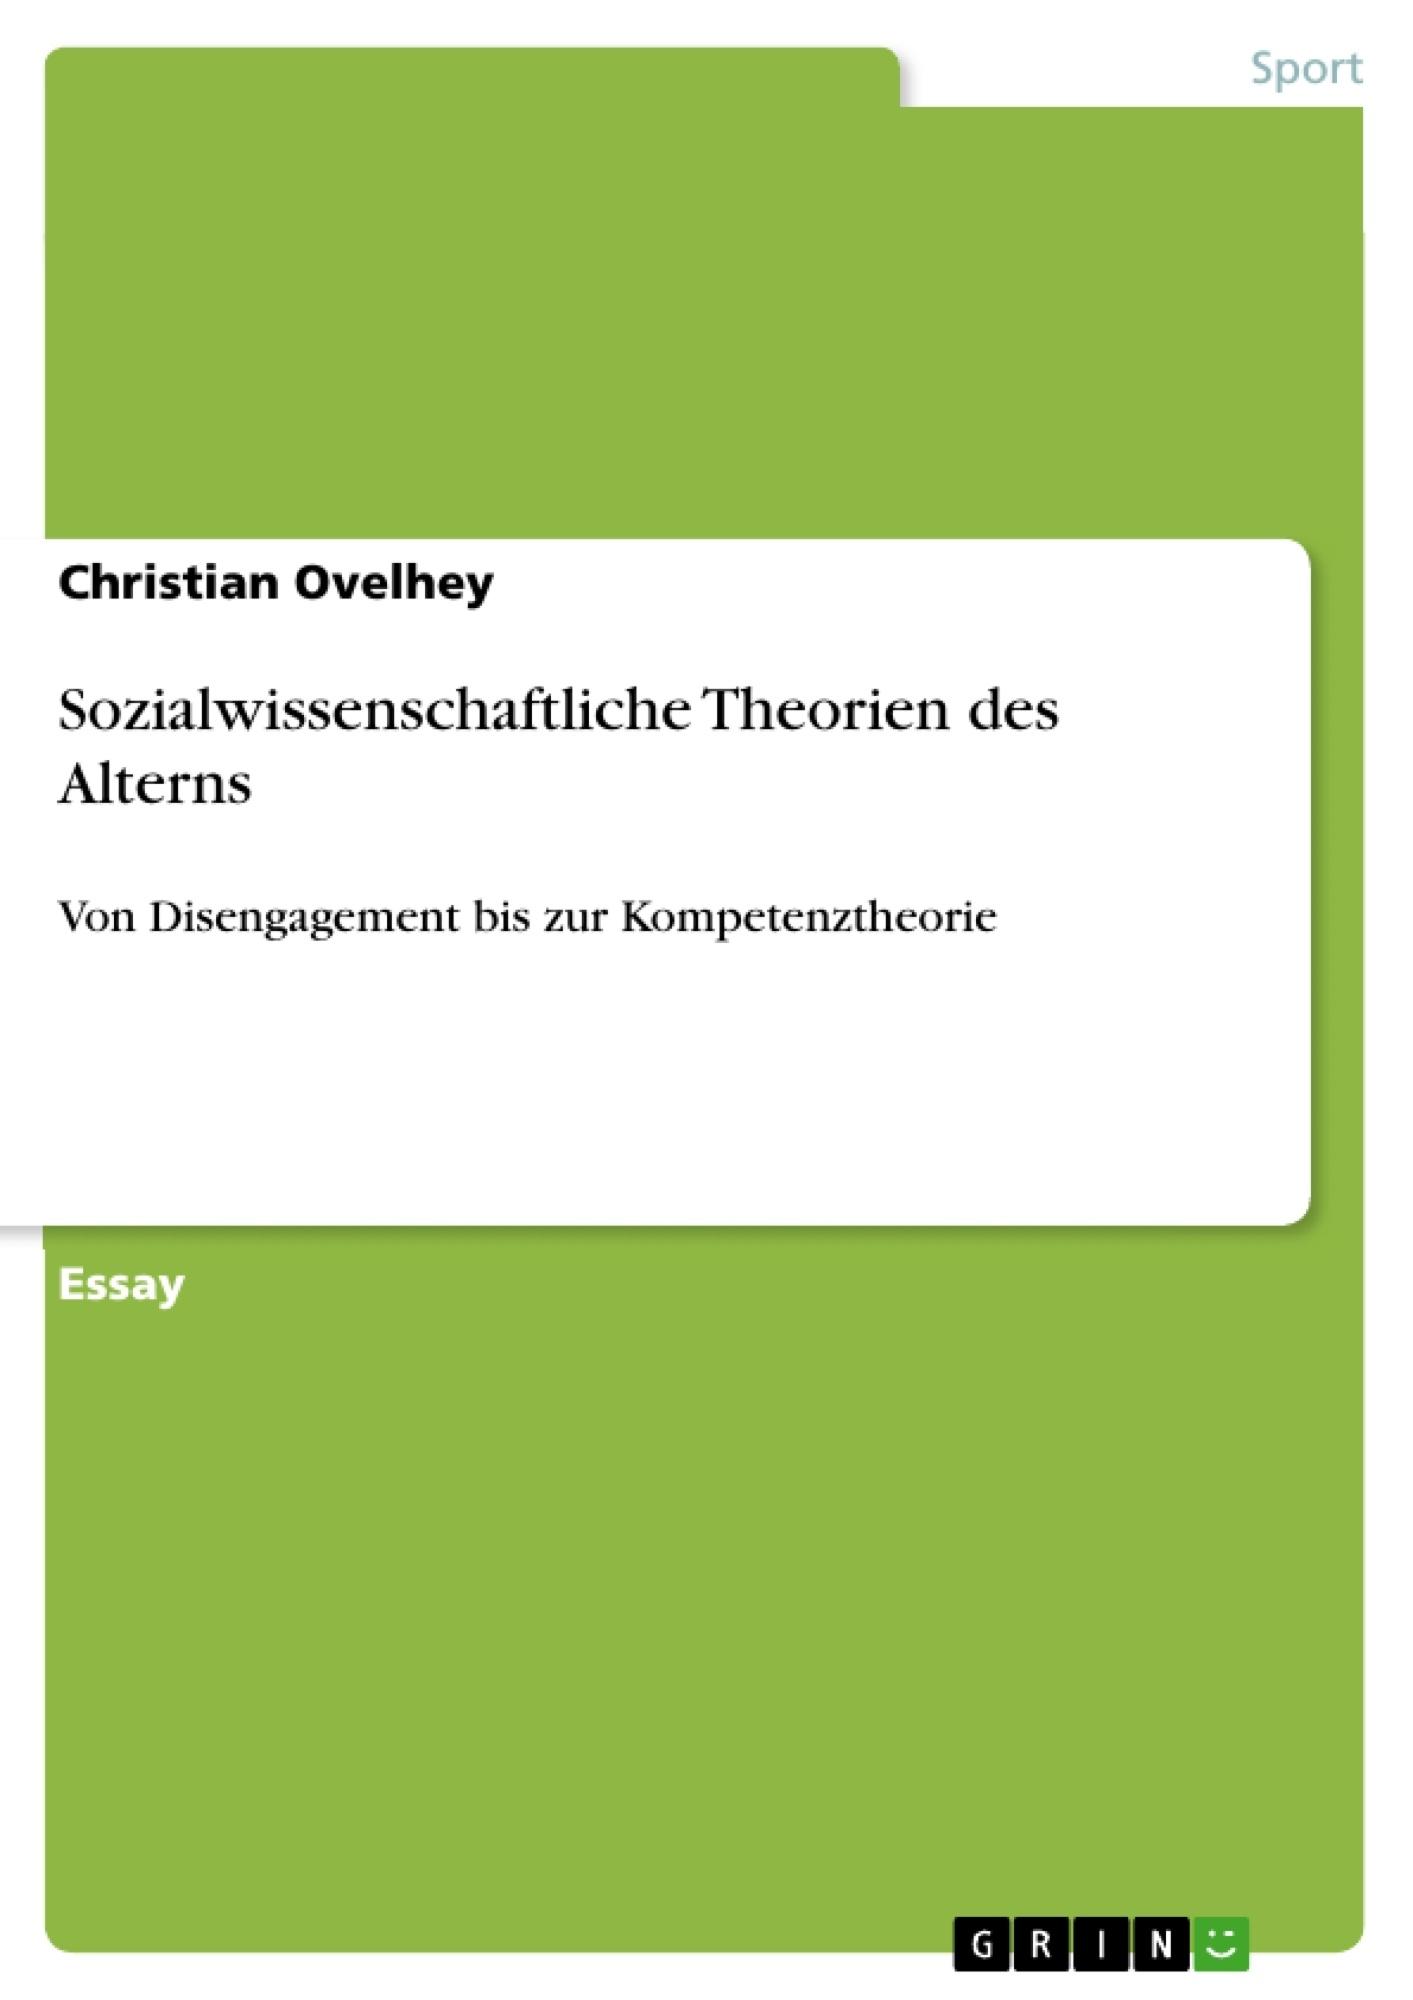 Titel: Sozialwissenschaftliche Theorien des Alterns